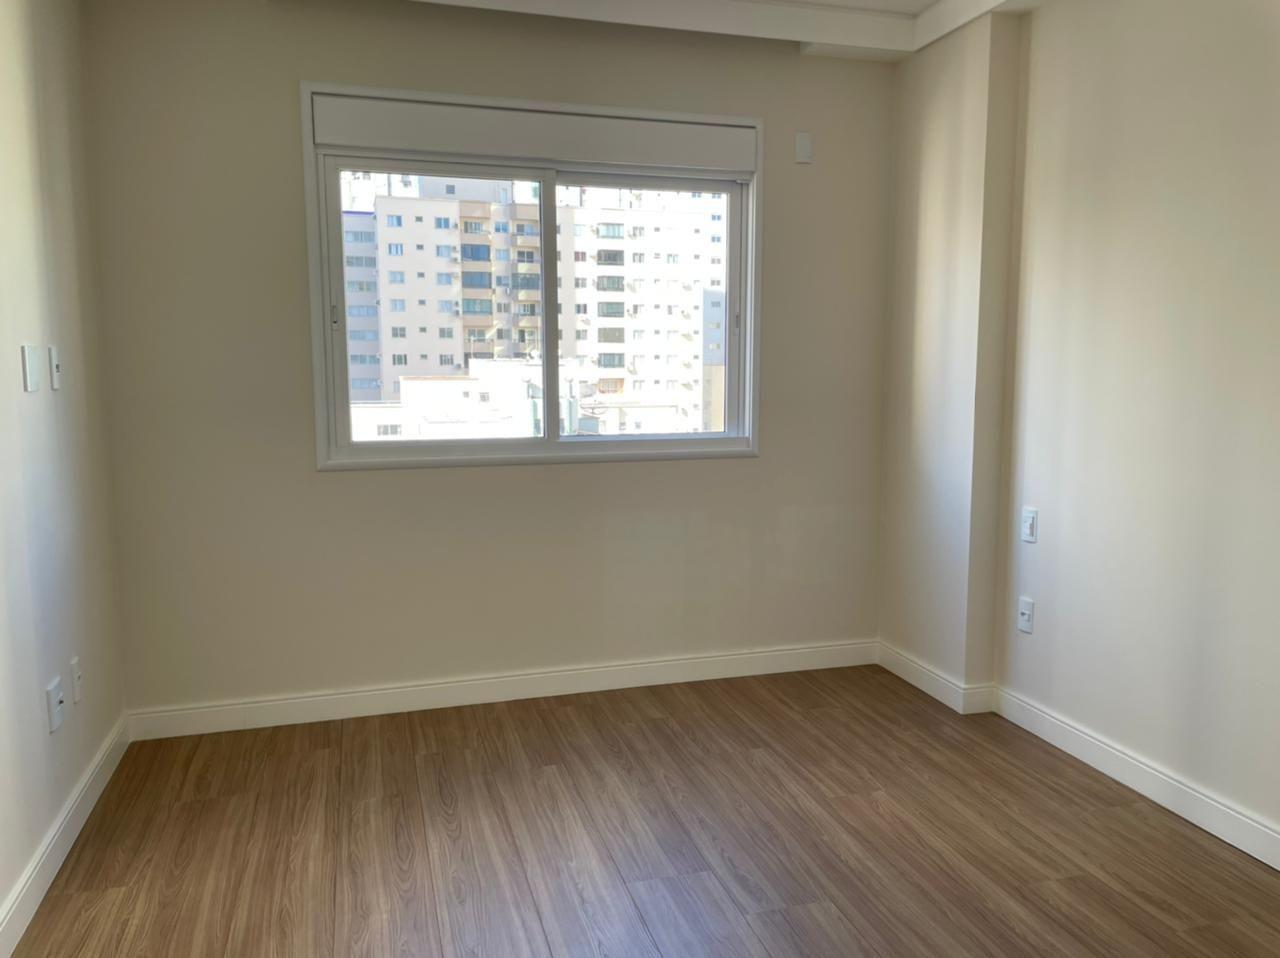 Apartamento no Edifício Isidora Mafra em Balneário Camboriú SC.